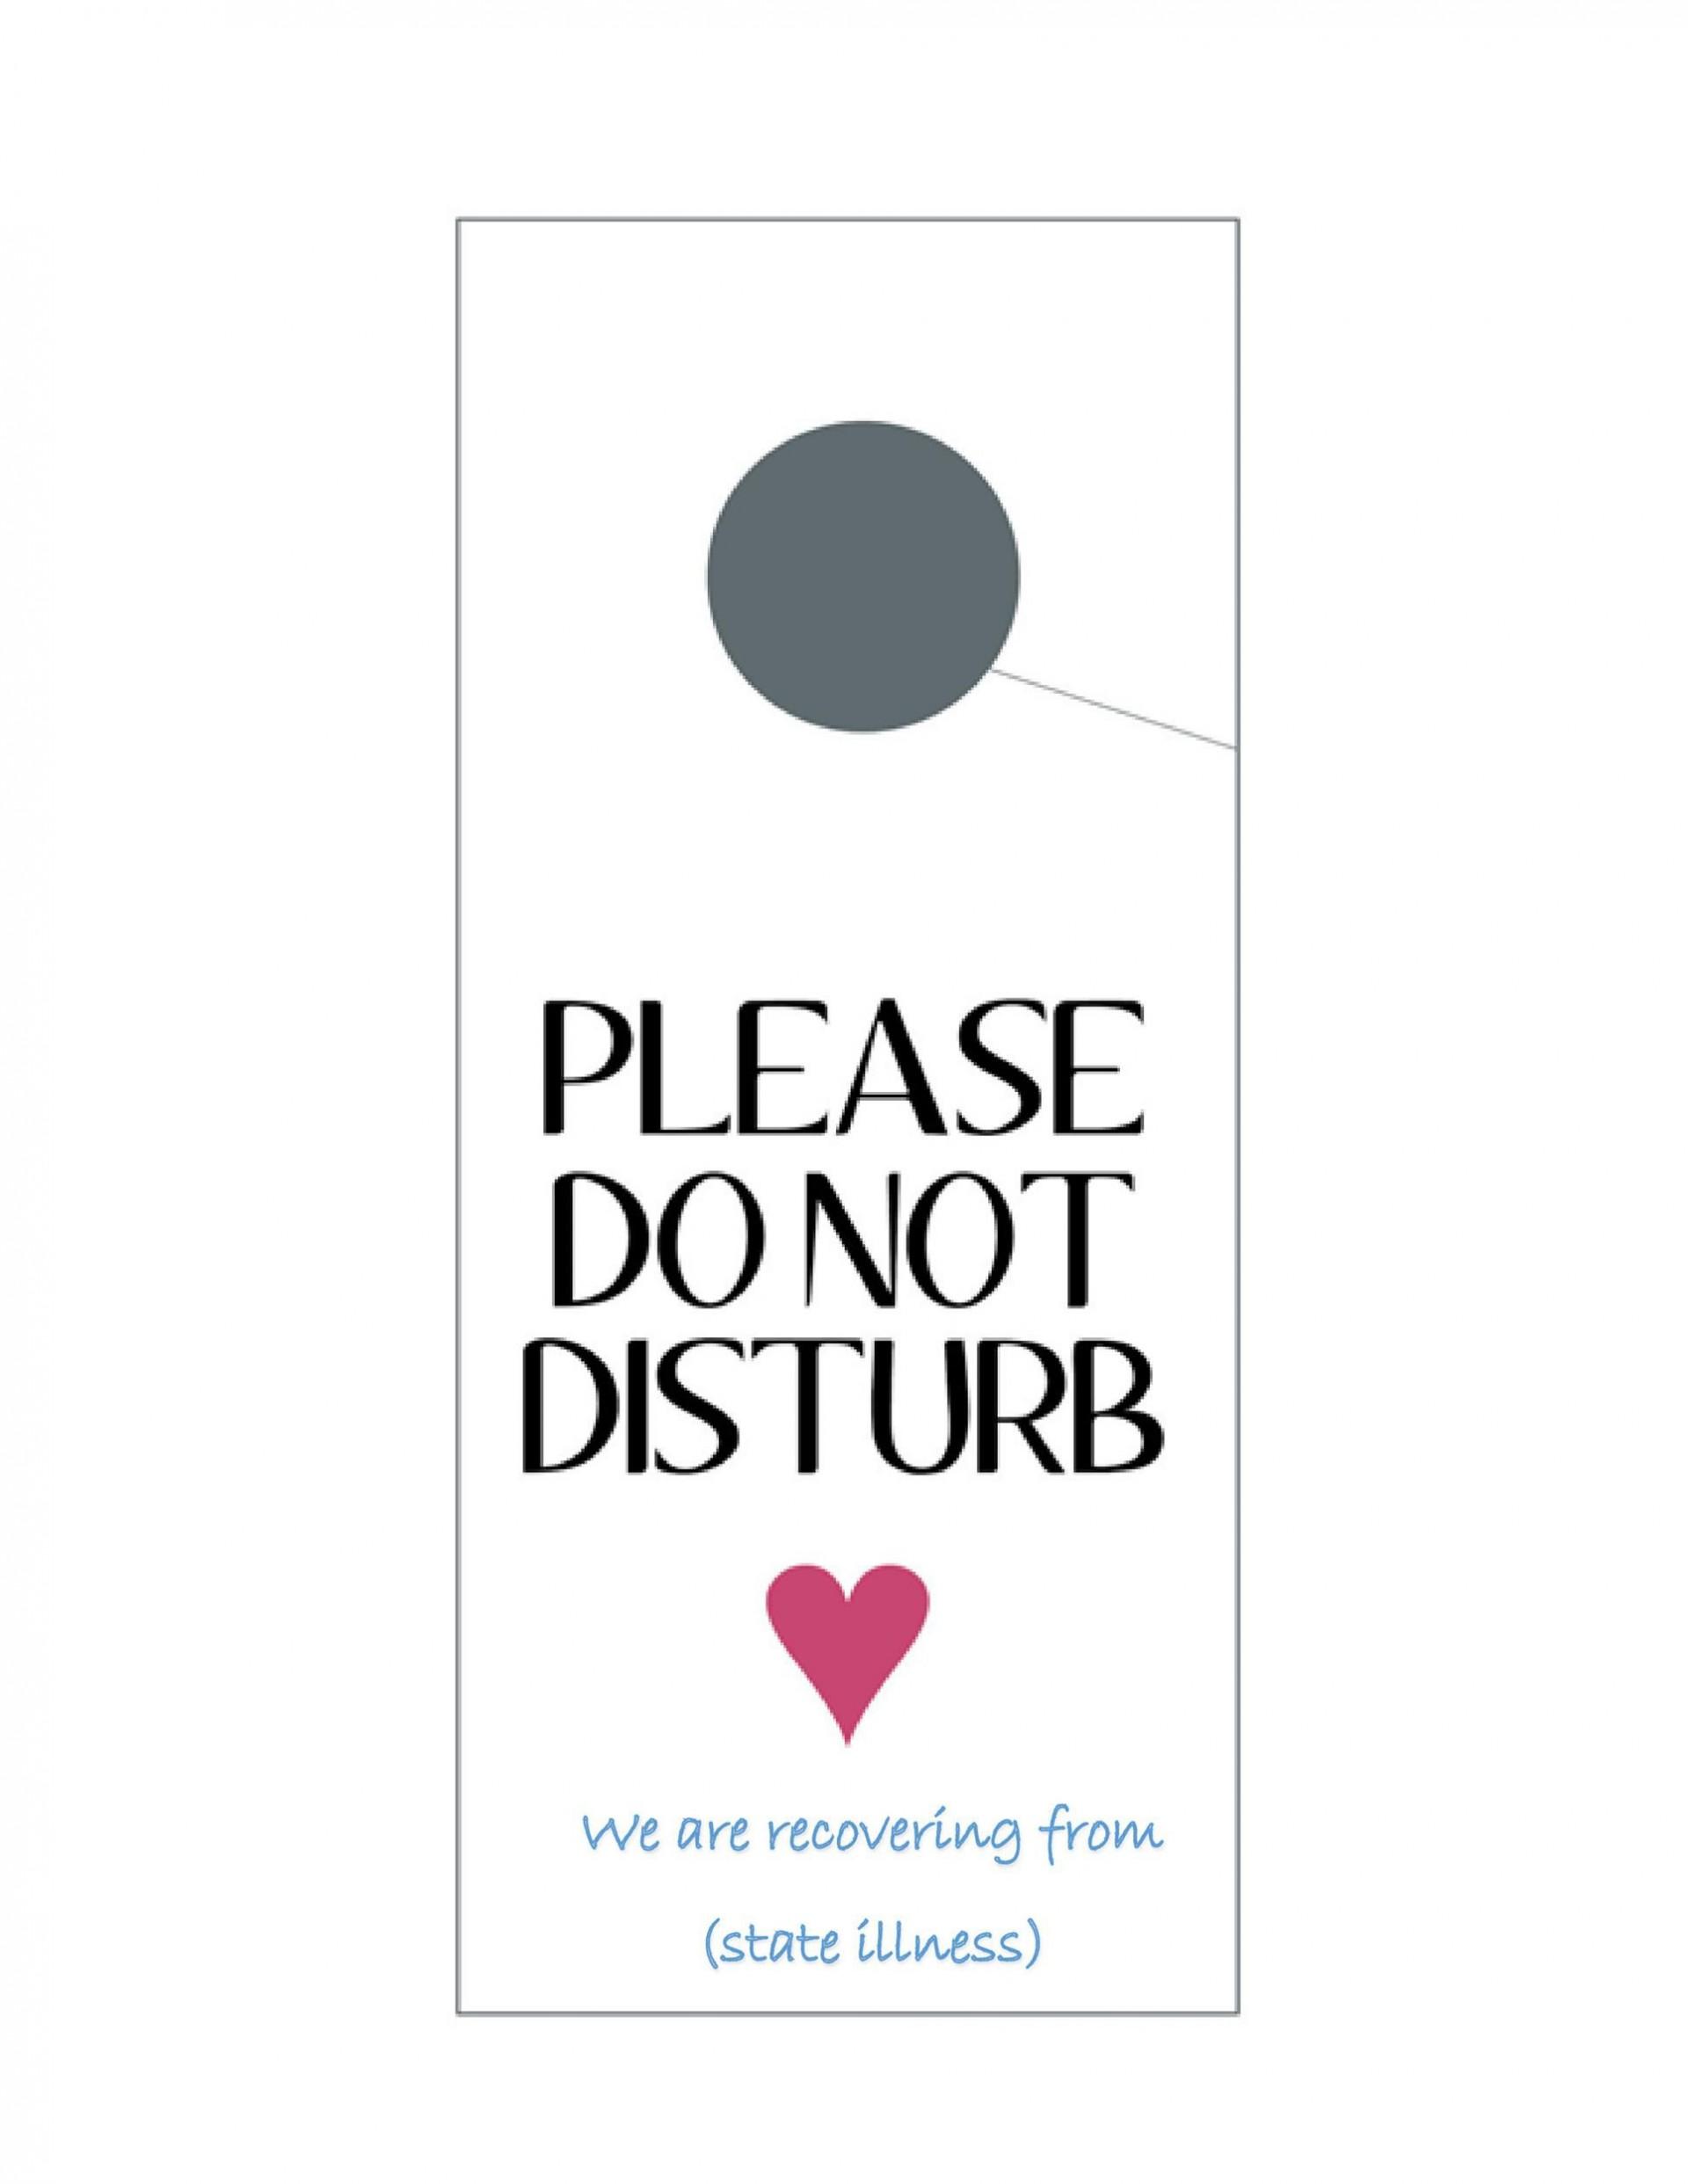 003 Best Free Printable Door Hanger Template Idea  Templates Wedding Editable1920